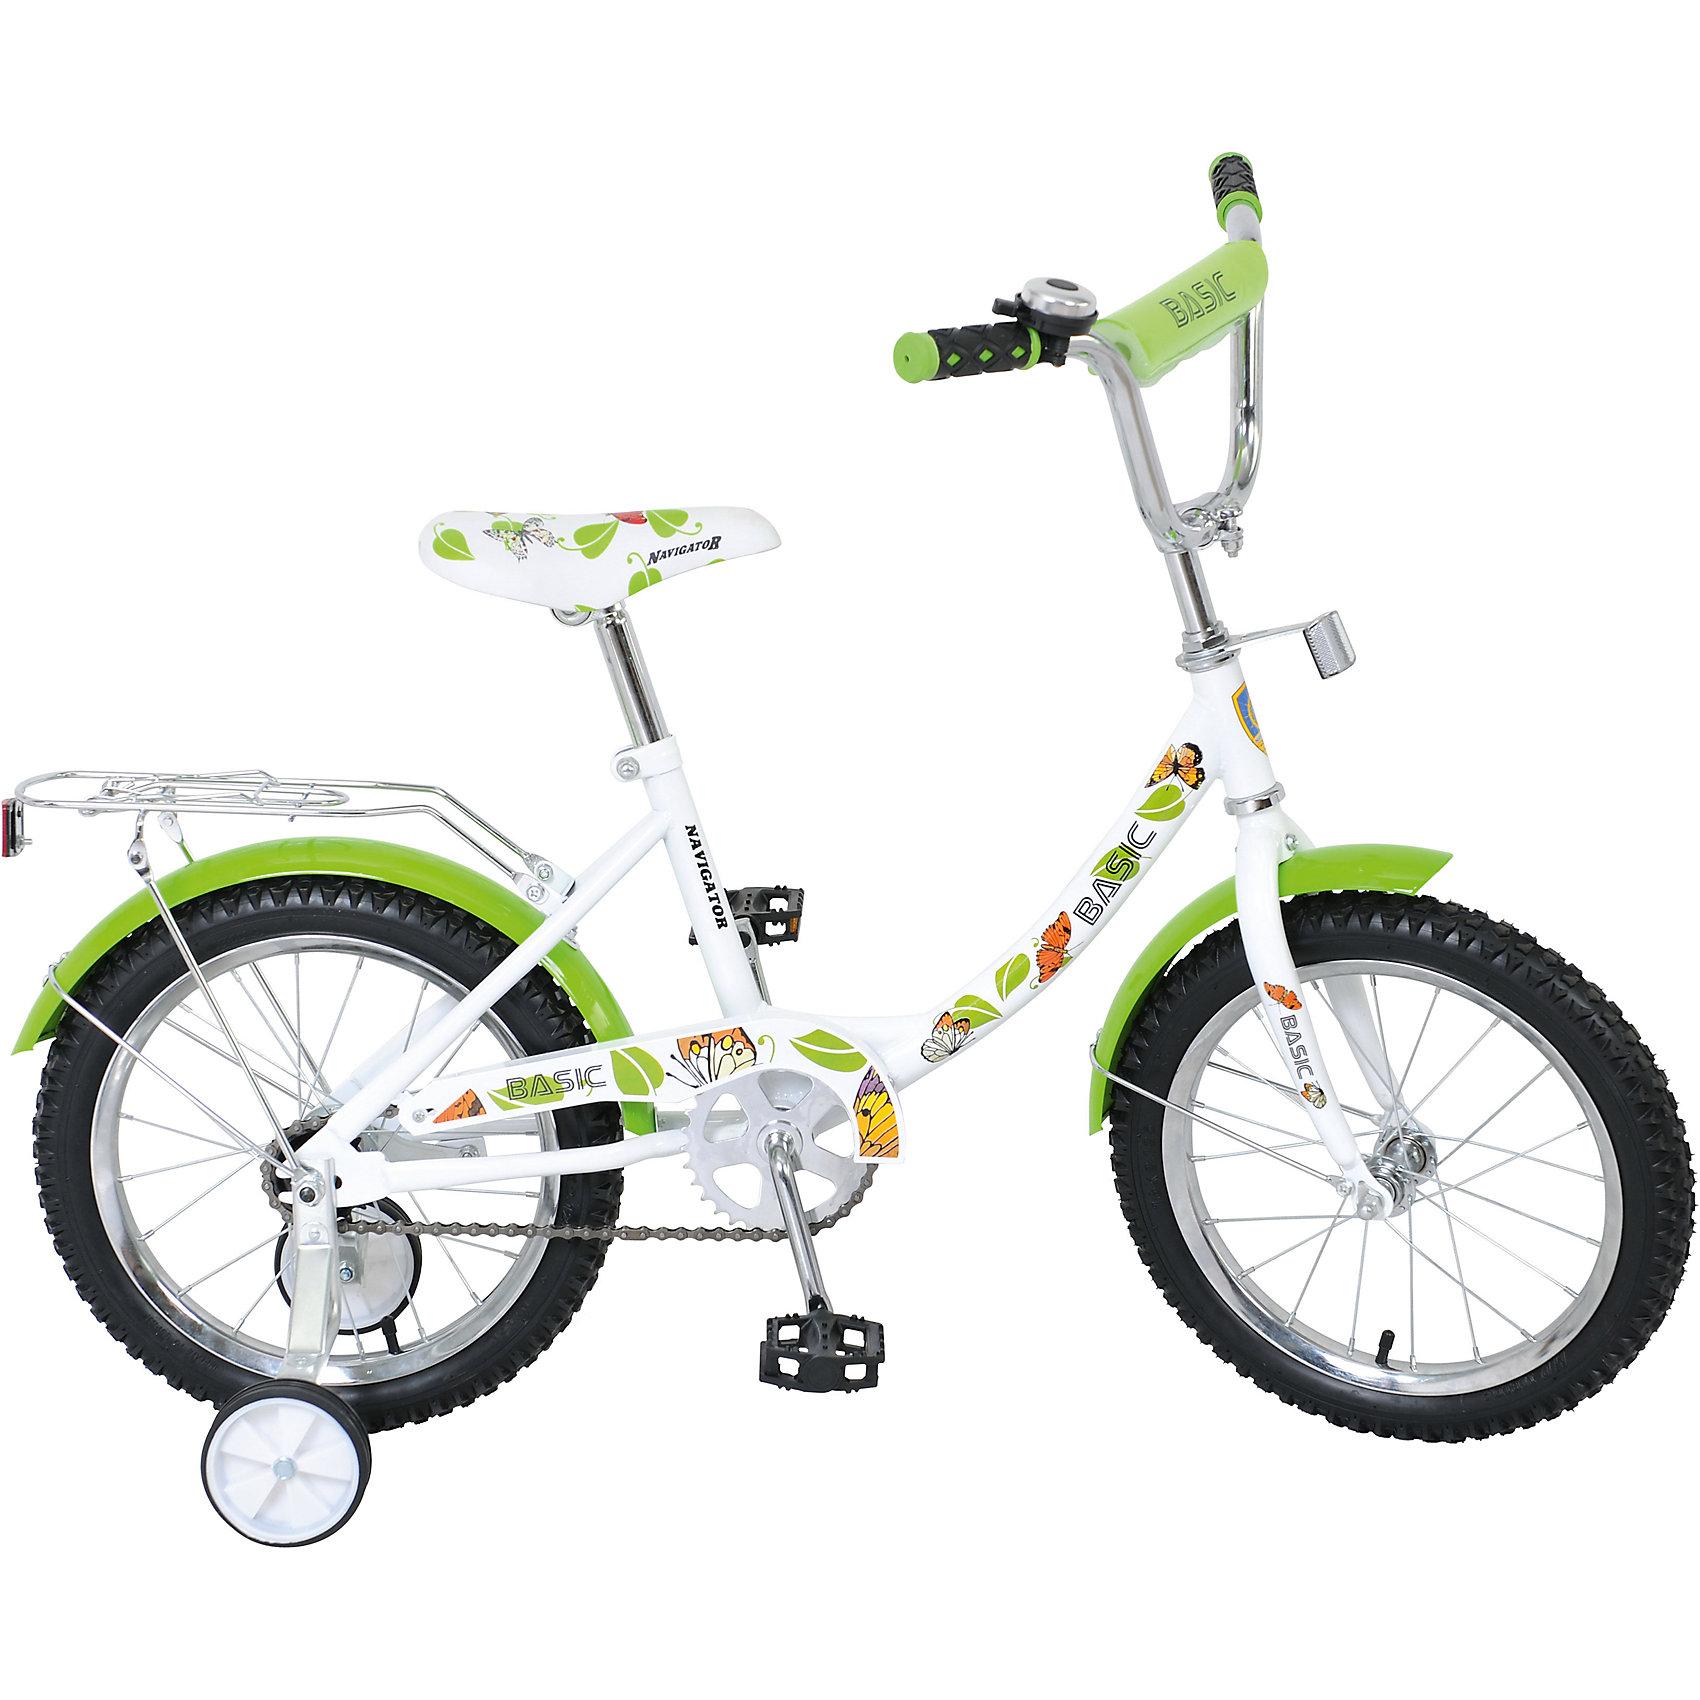 Велосипед Basic, бело-зеленый, NavigatorВелосипед Basic, бело-зеленый, Navigator (Навигатор) – это яркий, стильный, надежный велосипед высокого качества.<br>Детский велосипед Basic, обладает яркой расцветкой и стильными формами. продуманная конструкция сводит к минимуму риск получить травму. Рама велосипеда выполнена из высокопрочного металла. Покрытие рамы устойчиво к царапинам. Высота руля и сиденья легко регулируется в соответствии с возрастом и ростом ребенка. Колеса оснащены резиновыми шинами, которые хорошо удерживают воздух. Велосипед имеет дополнительные широкие страховочные колеса, защиту цепи, стальные обода для защиты от брызг, удобное сиденье эргономичной формы, звонок, задний багажник. На ручках руля нескользящие накладки. Катание на велосипеде поможет ребенку укрепить опорно-двигательную и сердечнососудистую системы.<br><br>Дополнительная информация:<br><br>- Возрастная категория: от 5 до 7 лет<br>- Подходит для детей ростом 100 - 125 см.<br>- Диаметр колёс: 16 дюймов<br>- Односоставной шатун<br>- Ножной тормоз<br>- Рама: 12B-тип<br>- Материал рамы: сталь<br>- Цвет: белый, зеленый<br>- Вес в упаковке: 10,8 кг.<br><br>Велосипед Basic, бело-зеленый, Navigator (Навигатор) можно купить в нашем интернет-магазине.<br><br>Ширина мм: 890<br>Глубина мм: 170<br>Высота мм: 420<br>Вес г: 10800<br>Возраст от месяцев: 60<br>Возраст до месяцев: 120<br>Пол: Унисекс<br>Возраст: Детский<br>SKU: 4655146